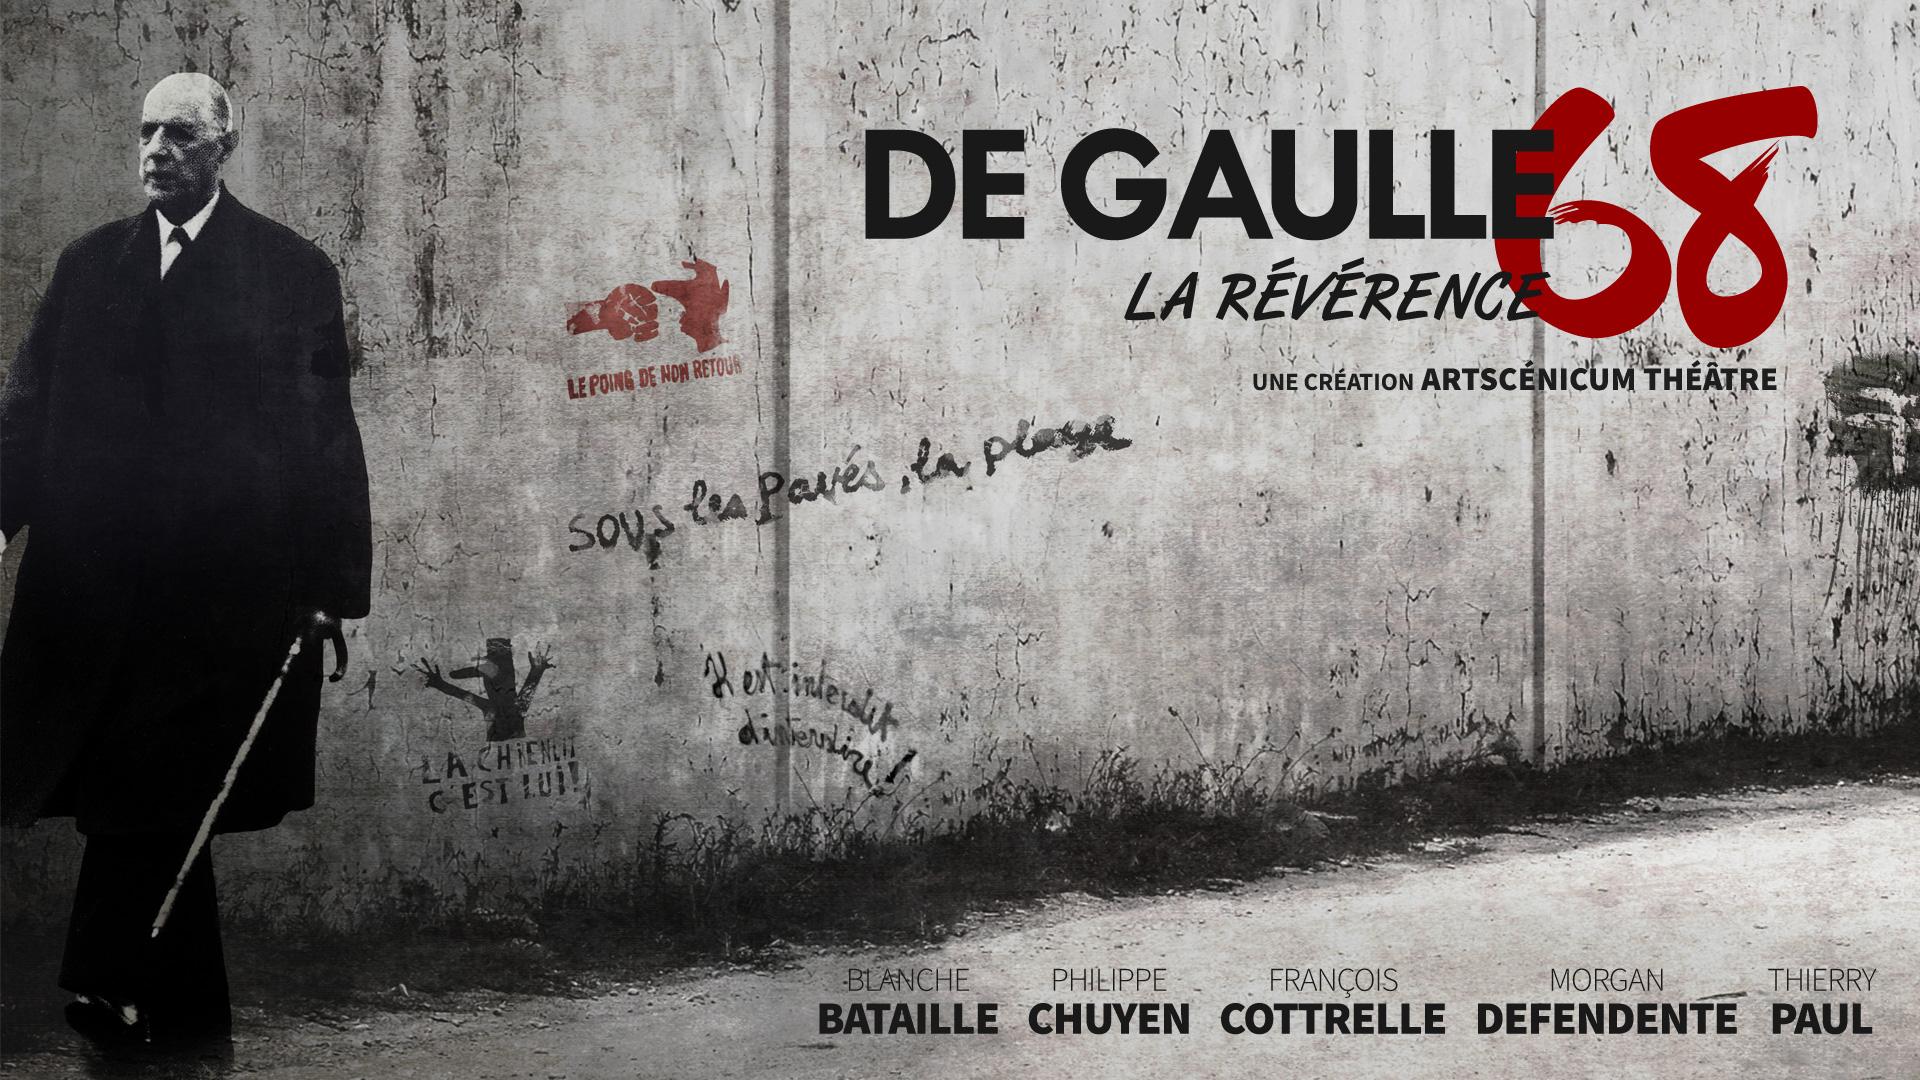 De Gaulle 68, La révérence @ Toulon (83) Espace Comédia | Toulon | Provence-Alpes-Côte d'Azur | France